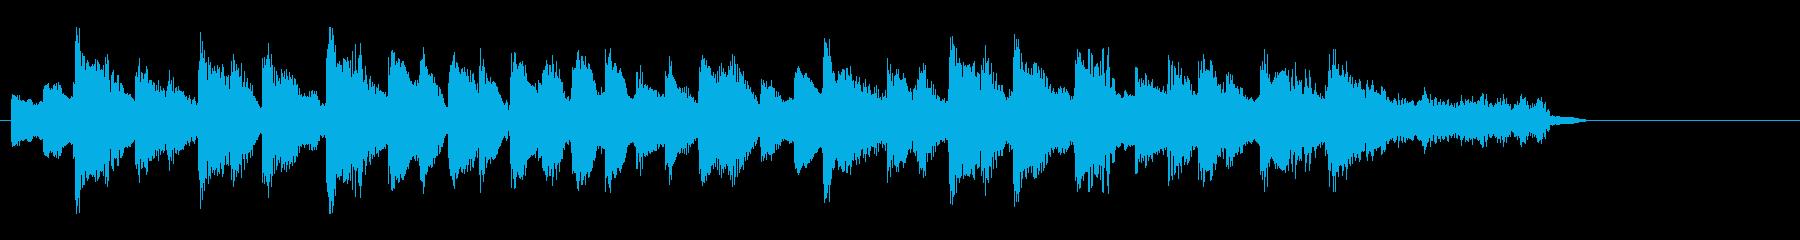 道化っぽいワルツ風のジングルの再生済みの波形